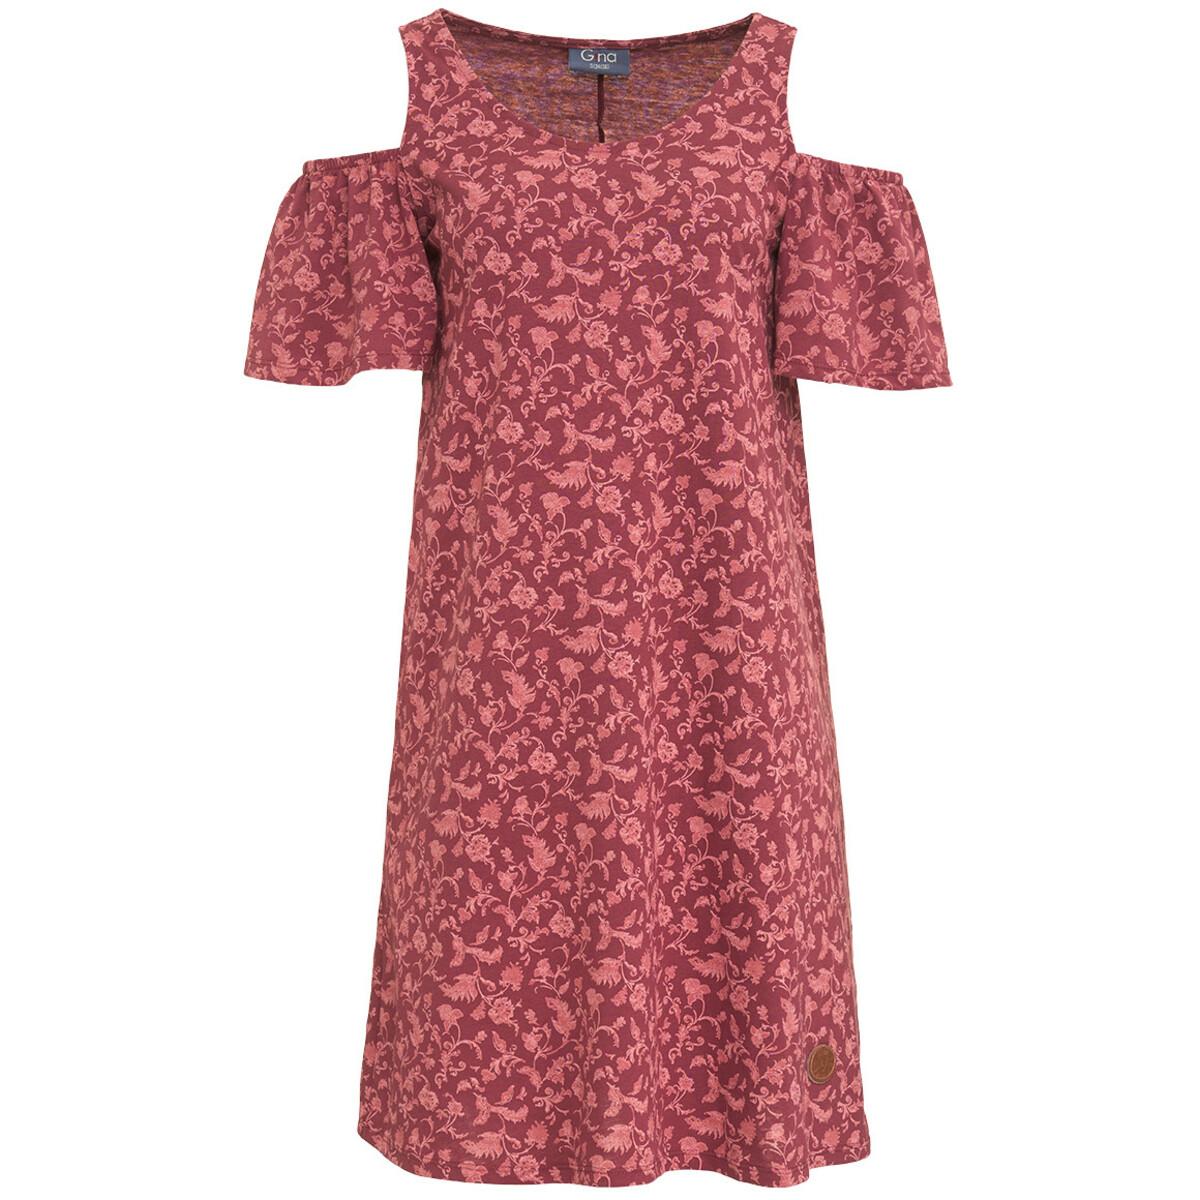 Bild 1 von Damen Kleid im Cold-Shoulder-Look